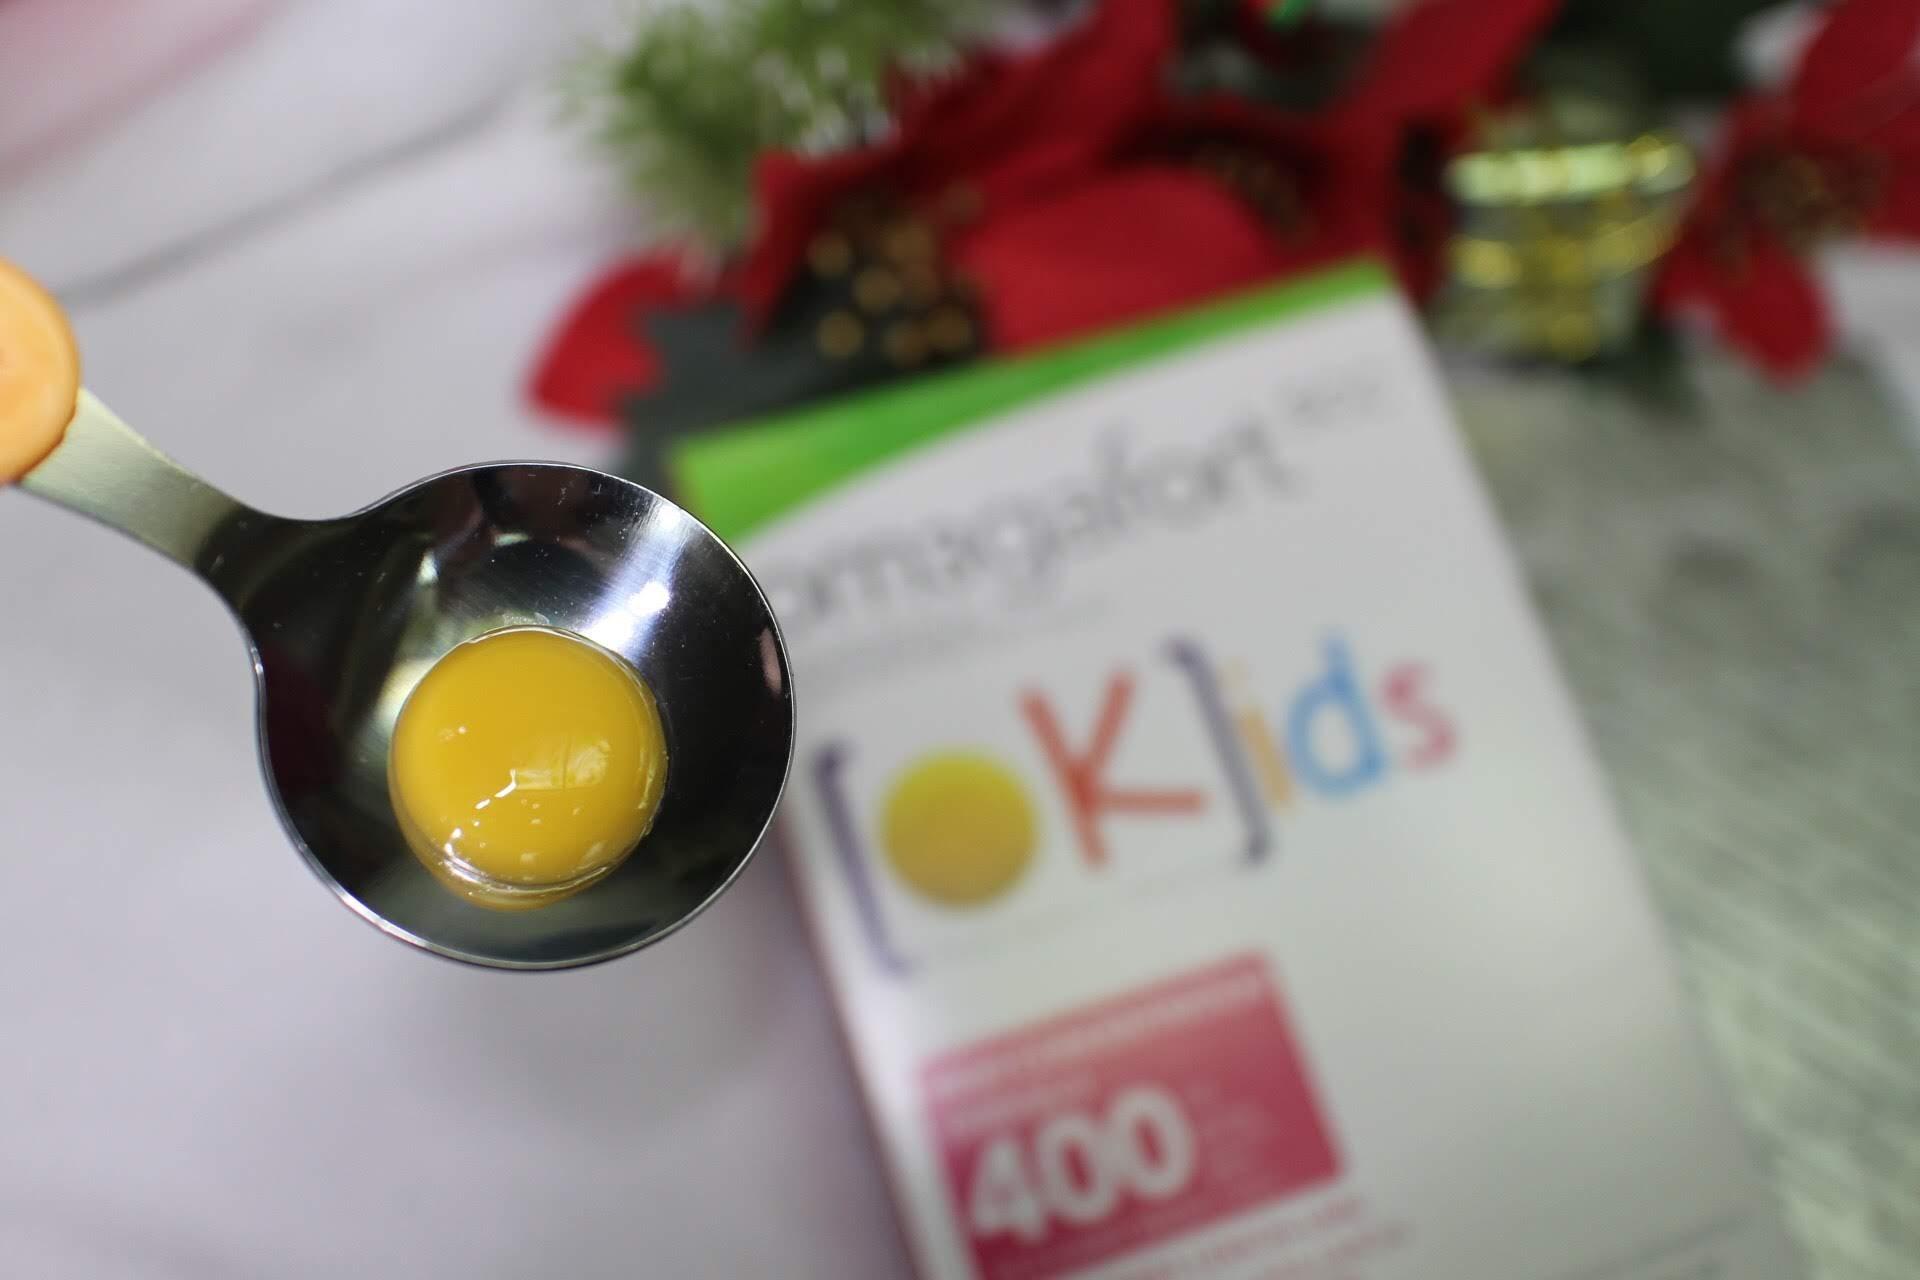 【歐3加福魚油】Omega-3高濃度EPA、DHA魚油,讓身體回歸最佳平衡狀態 @秤瓶樂遊遊